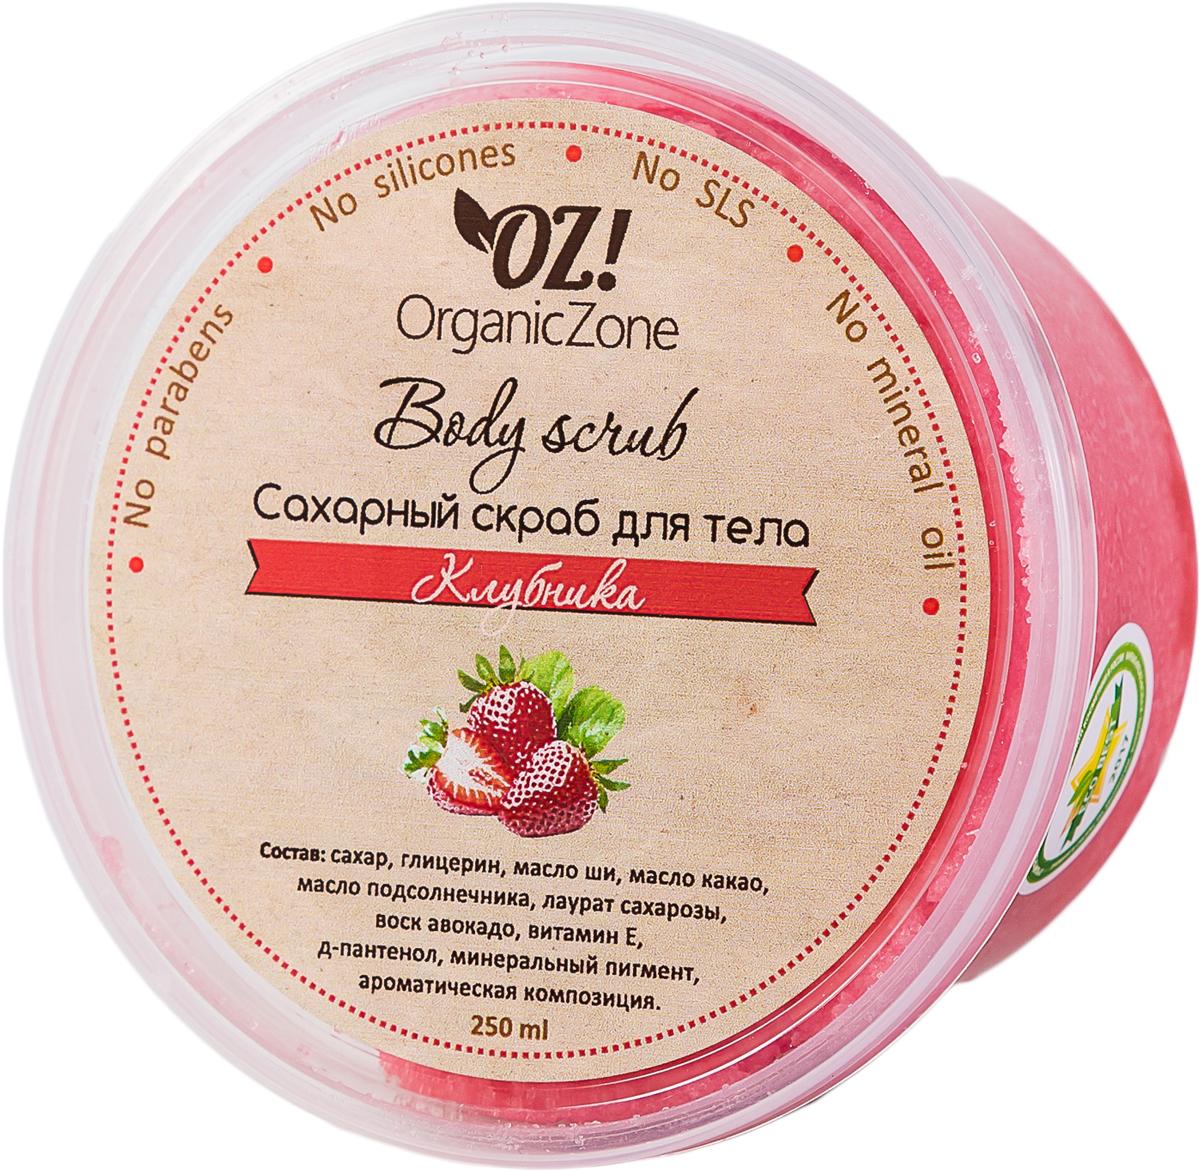 OrganicZone Сахарный скраб для тела Клубника, 250 мл4626018133811Отшелушивает, смягчает, разглаживает и очищает кожу, улучшает кровообращение. Натуральные масла ши и какао насыщают кожу витаминами и минералами, увлажняют и восстанавливают защитные функции эпидермиса. Кожа приобретает чувственную нежность, здоровое сияние и бархатистость.